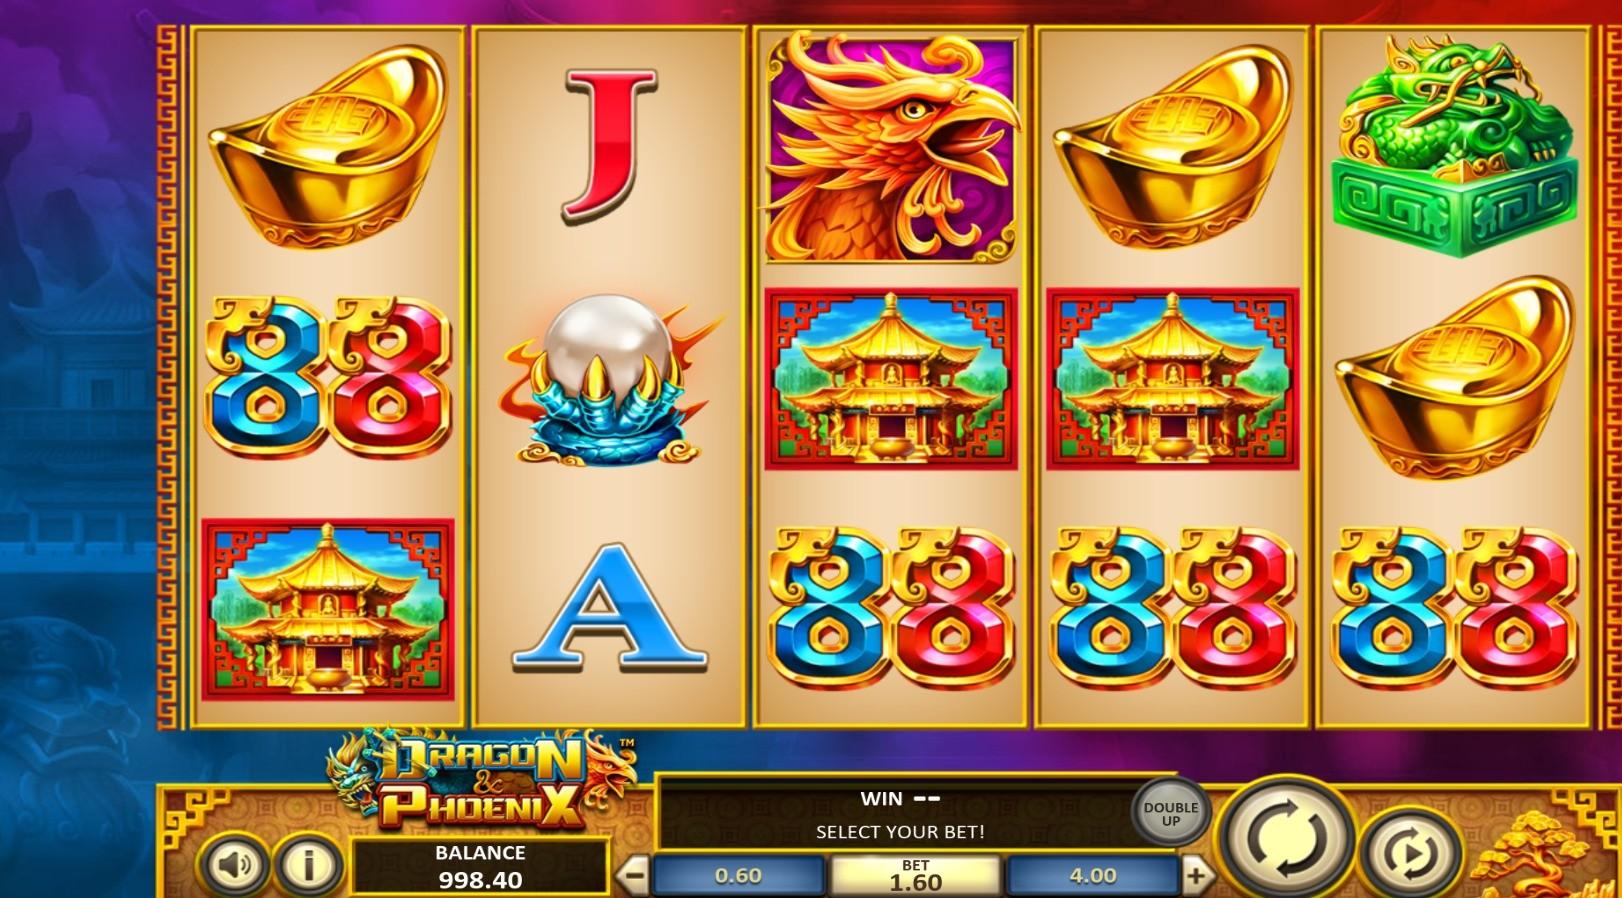 Игровой автомат dragon автоматы игровые резидент играть бесплатно онлайн без регистрации